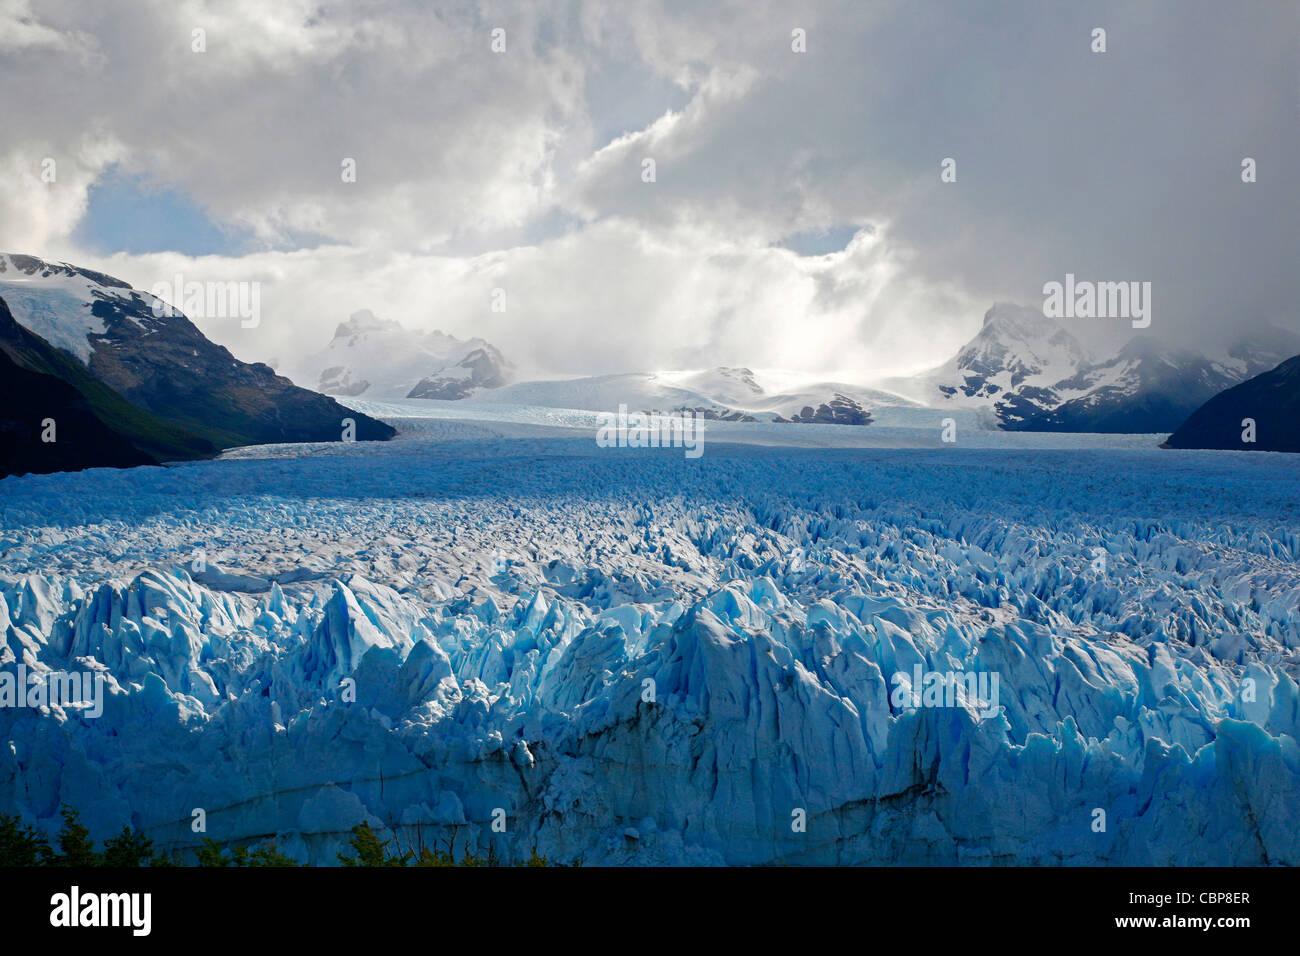 Perito Moreno glacier. Los Glaciares National Park, El Calafate area, Santa Cruz province. Patagonia. Argentina. Stock Photo